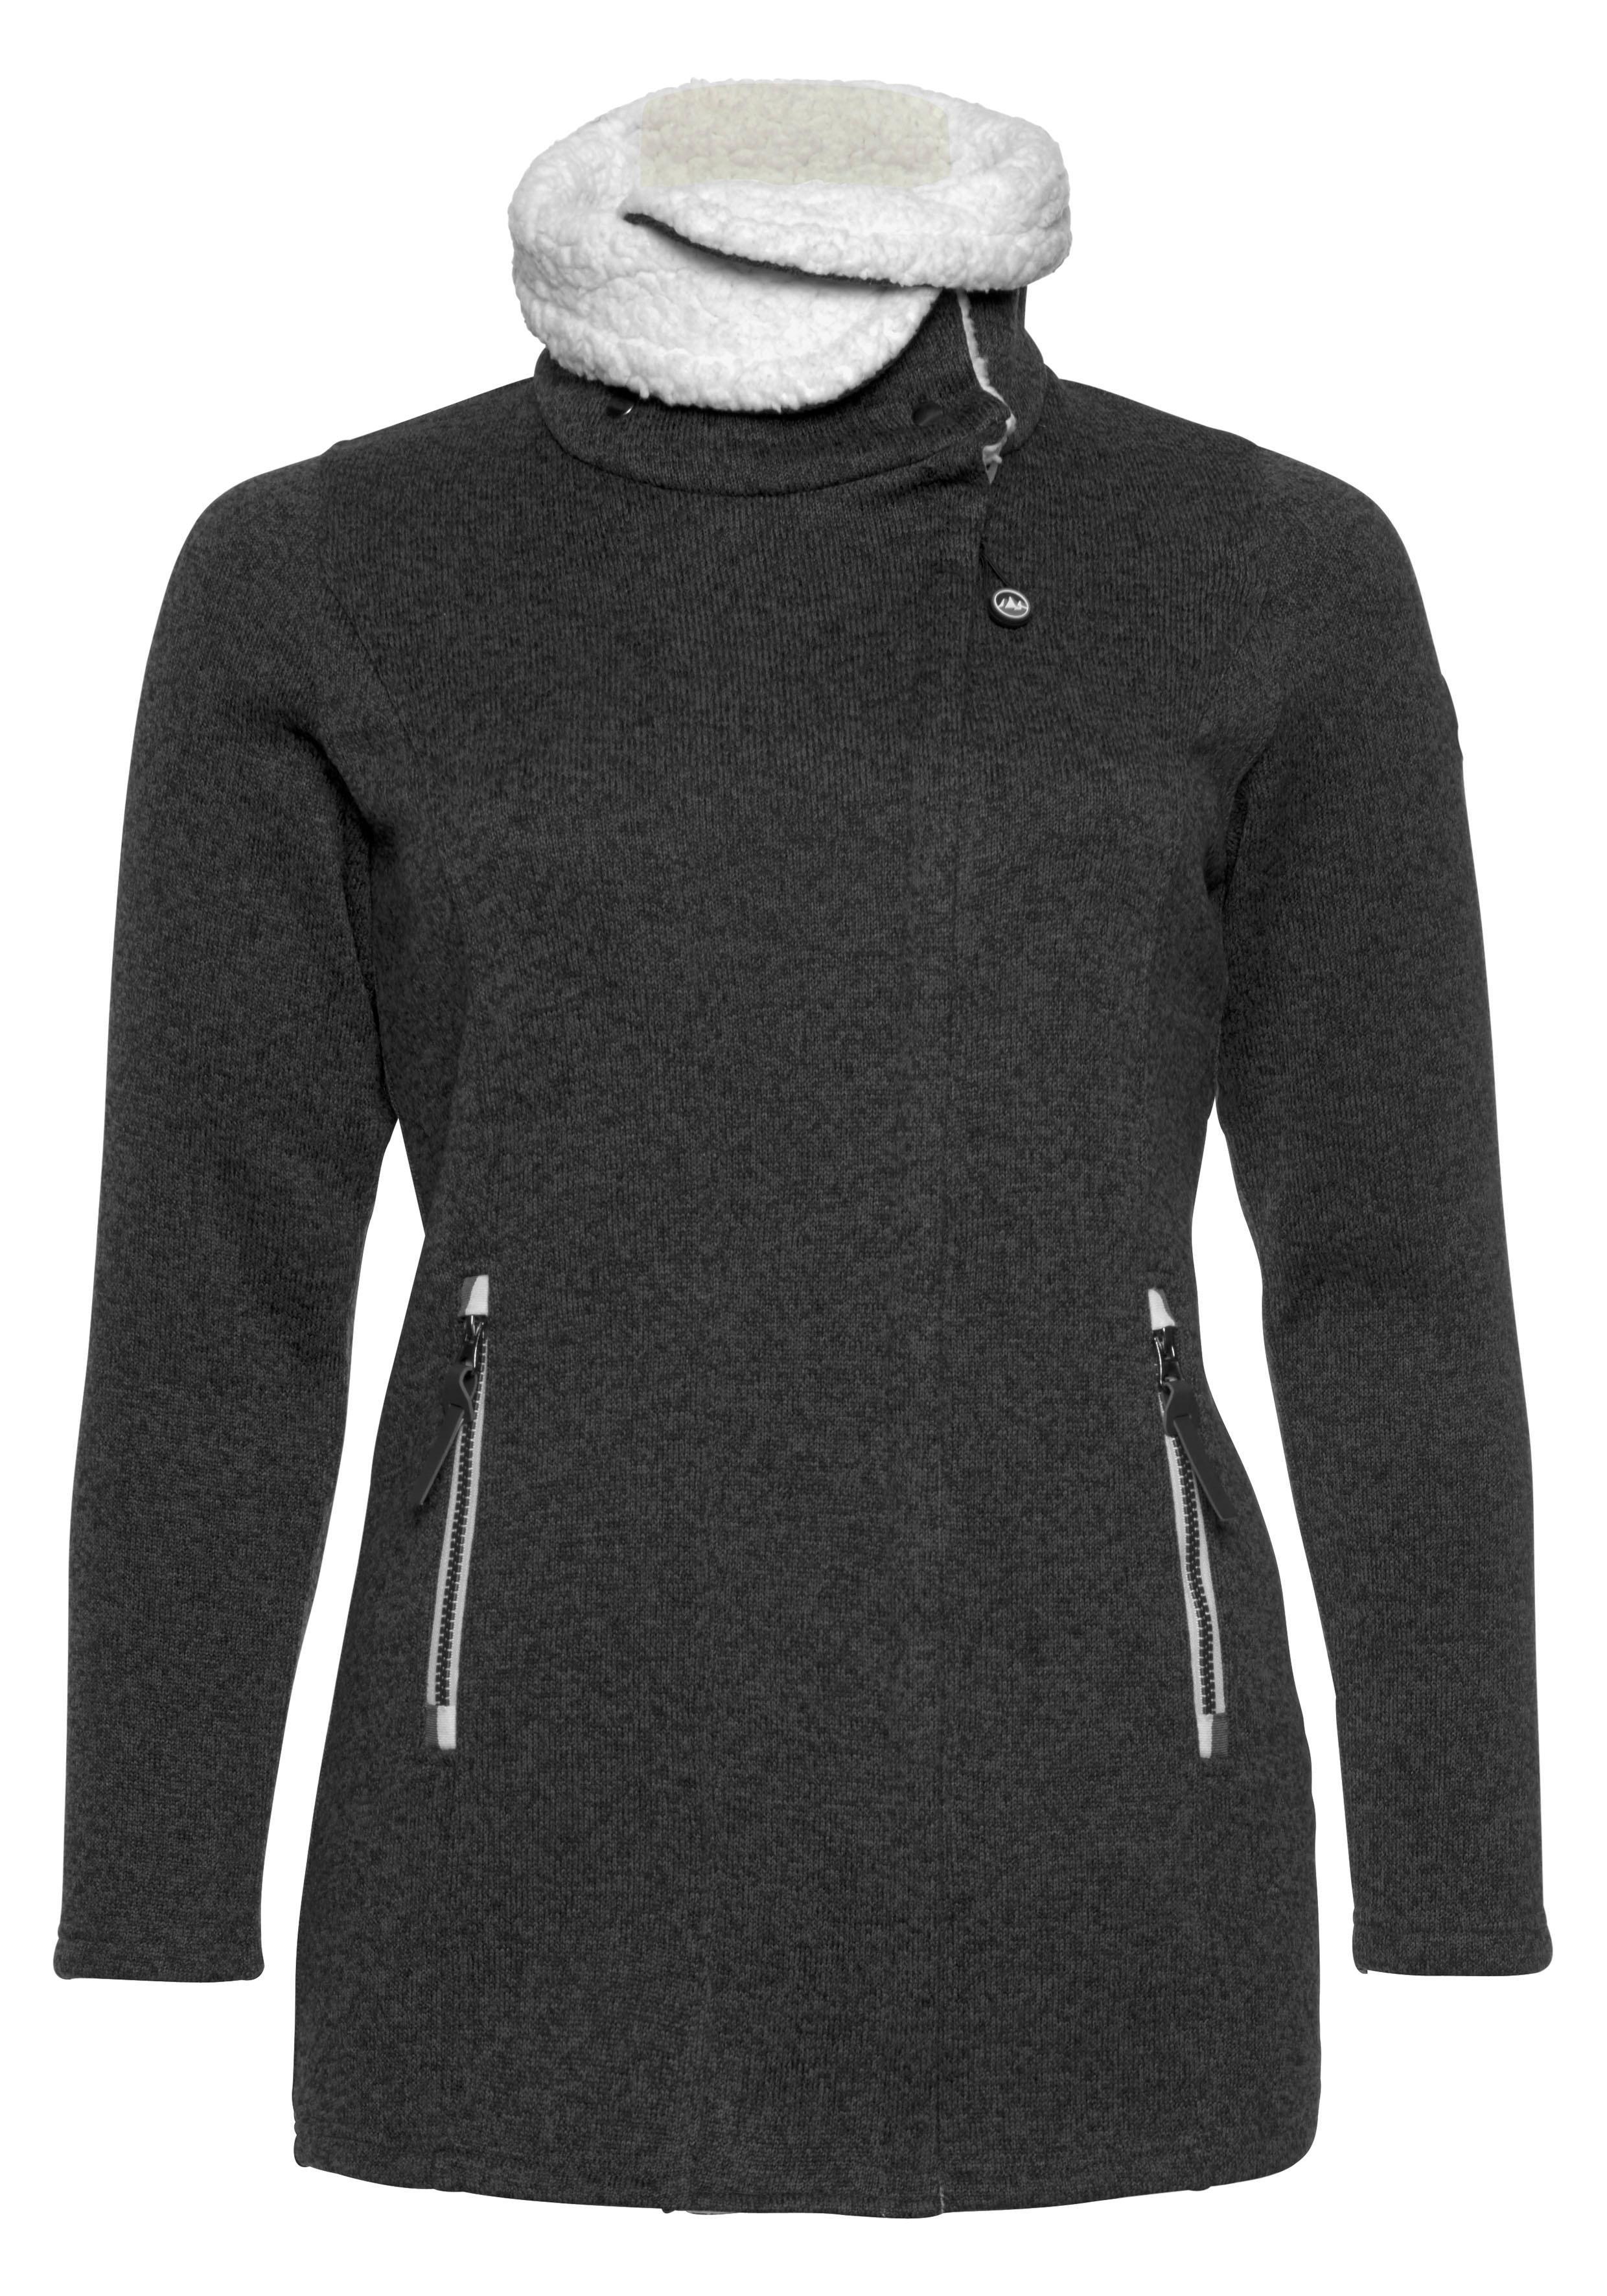 Polarino tricot-fleecejack nu online kopen bij OTTO